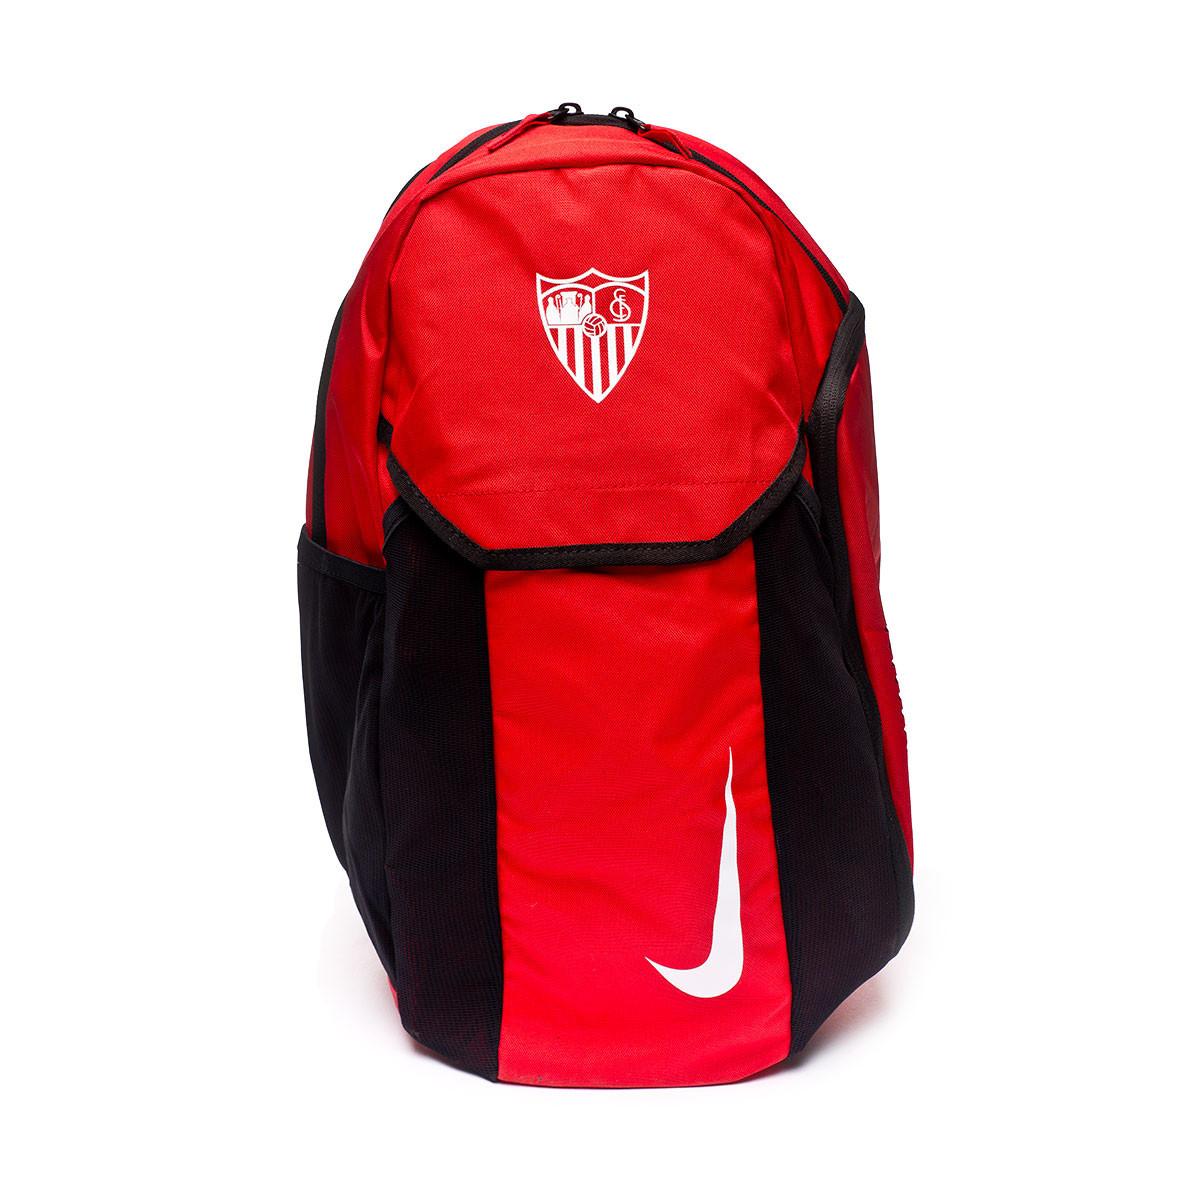 Miguel Ángel estanque Migración  Sac à dos Nike Sevilla FC 2020-2021 Red - Boutique de football Fútbol  Emotion